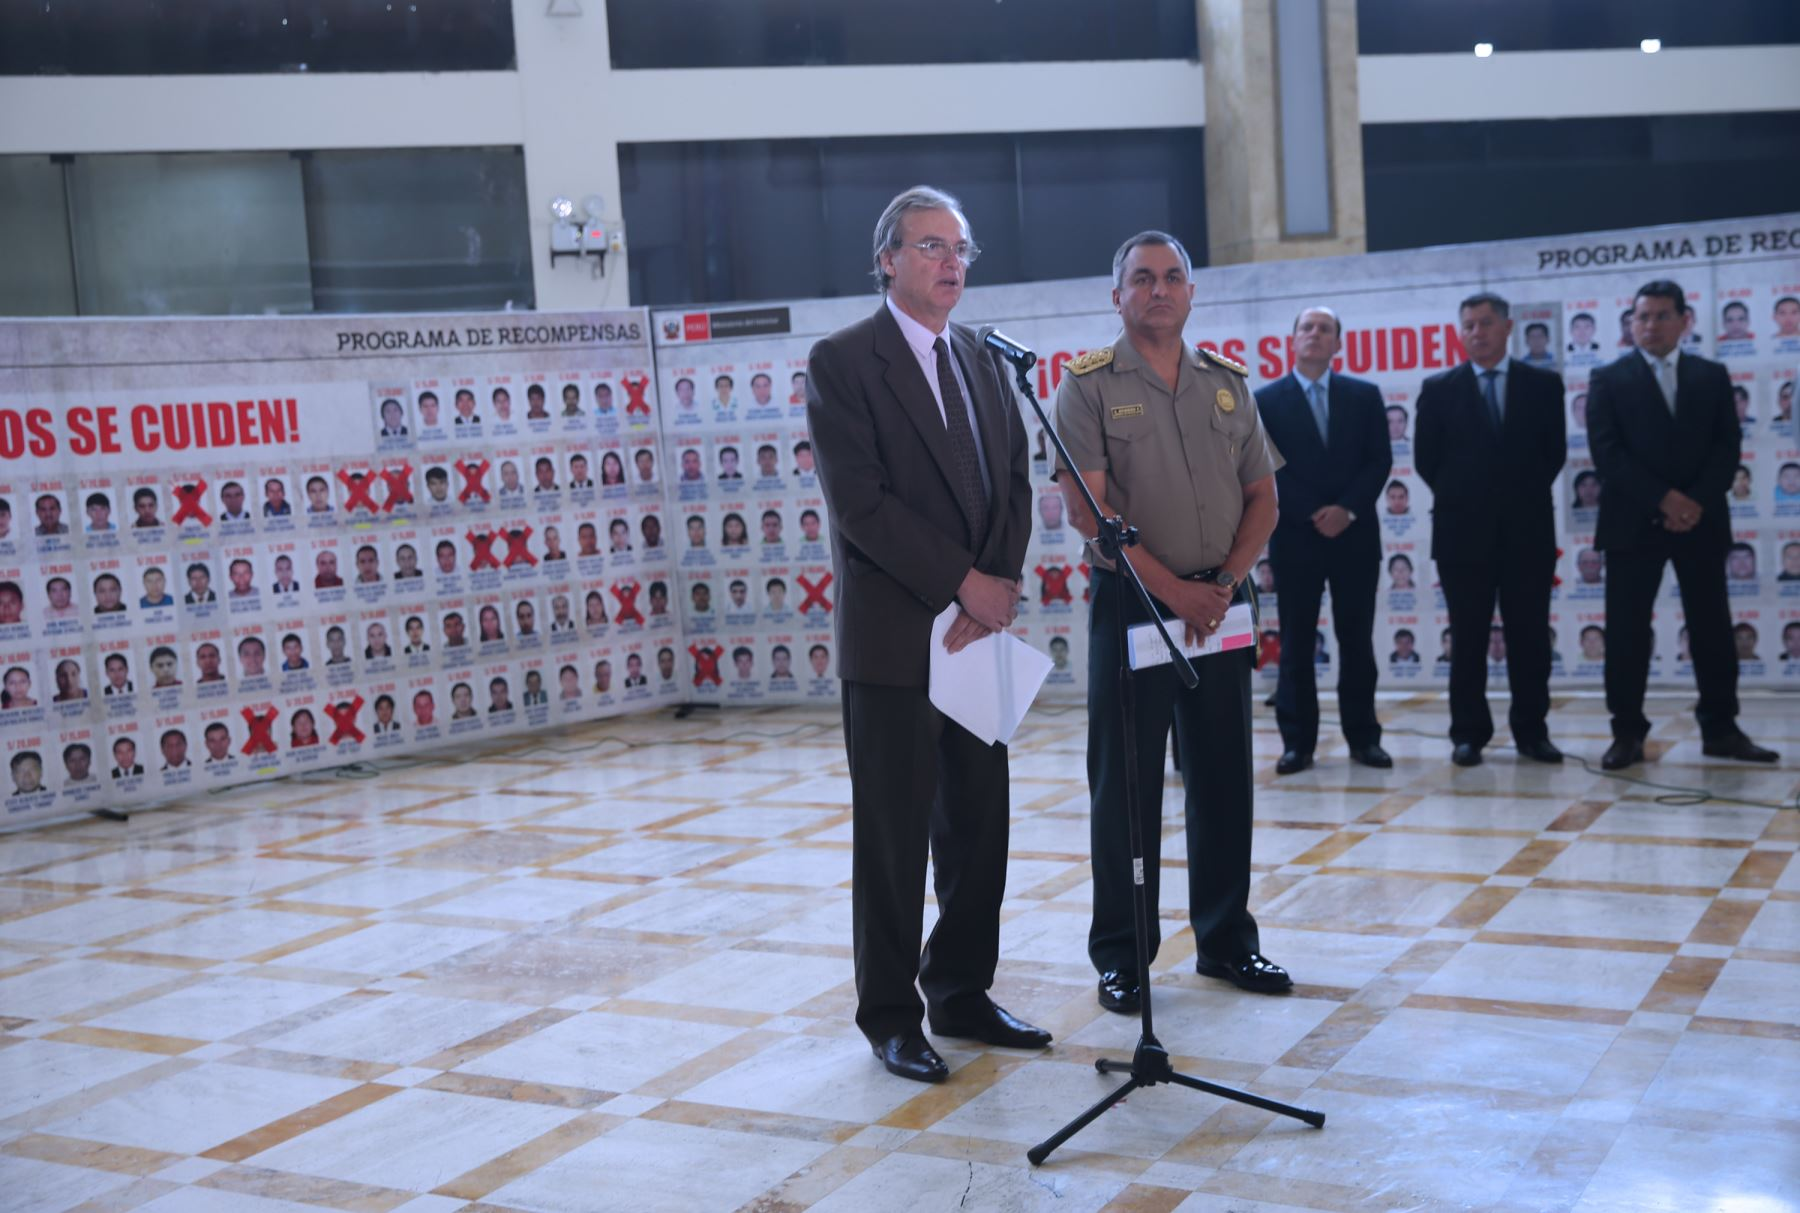 Lima per noviembre 22 el ministerio del interior for Ministerio del interior peru